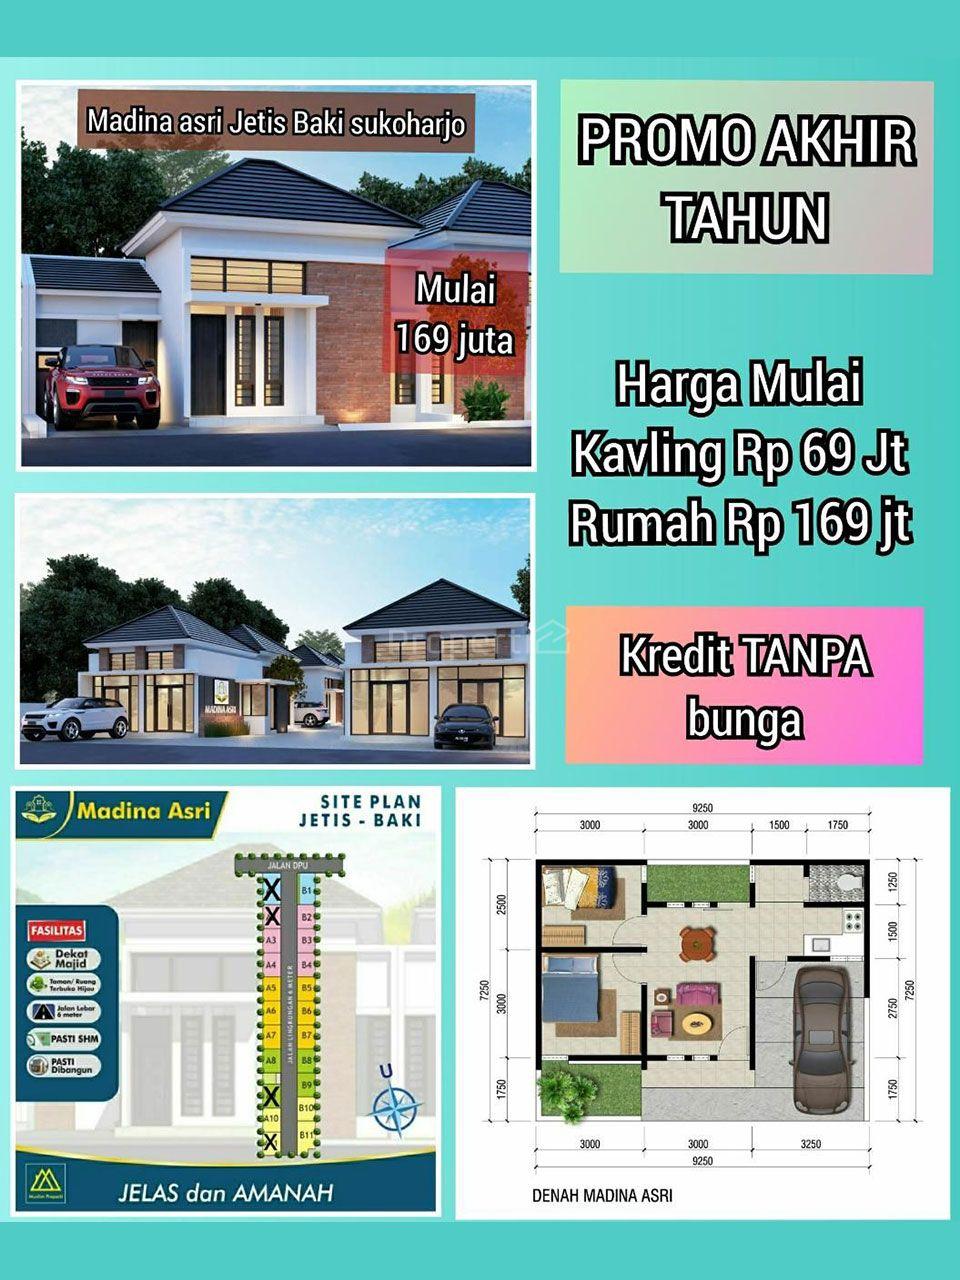 Rumah Siap Bangun di Madina Asri Jetis, Baki, Sukoharjo, Jawa Tengah